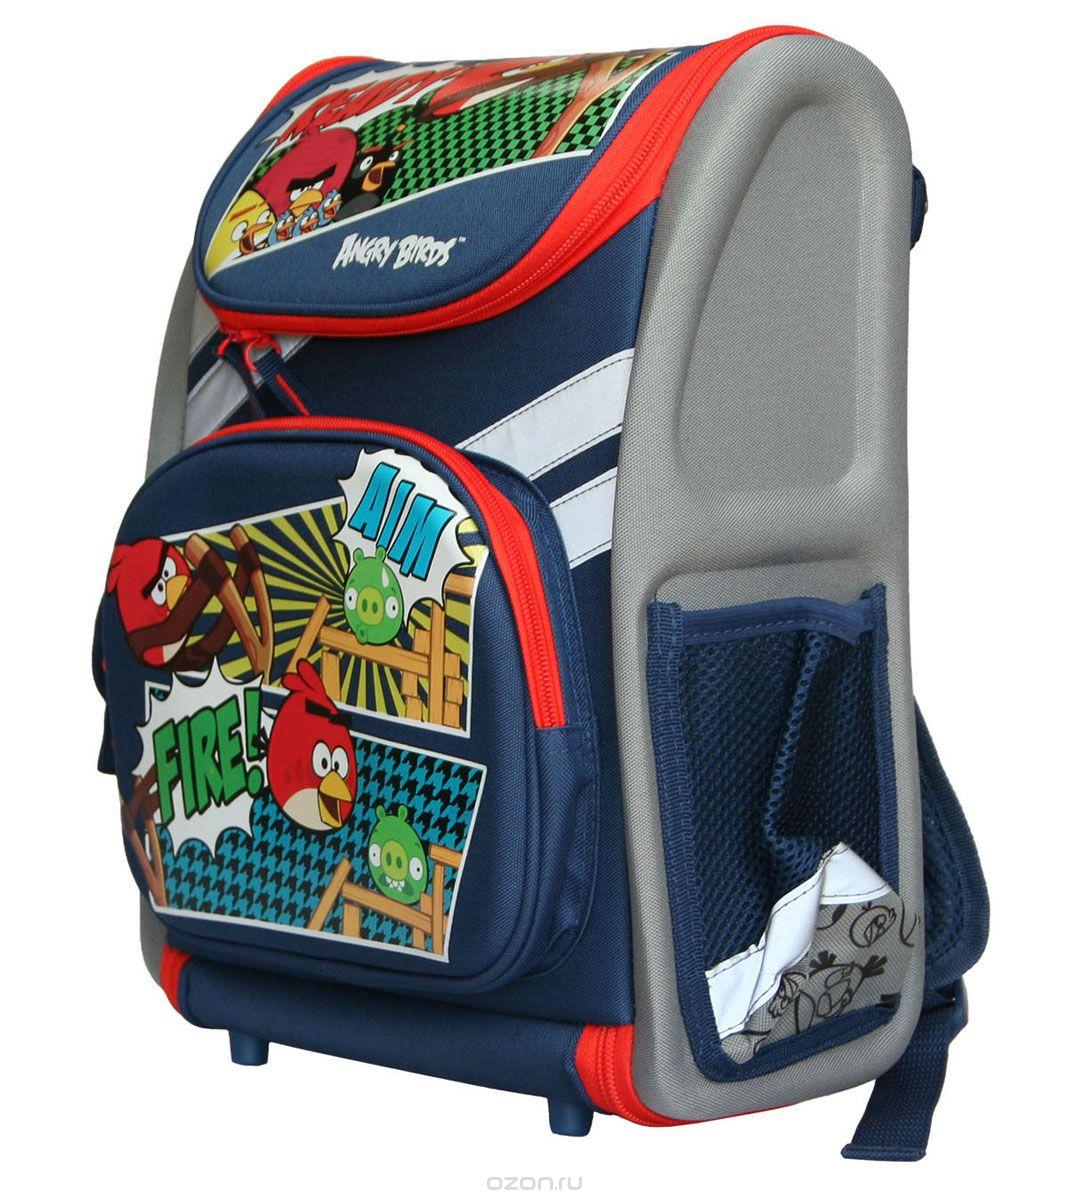 Ранец школьный Kinderline Angry Birds, цвет: синий, серый, красныйABBB-UT1-114Ранец школьный Kinderline Angry Birds выполнен из современного легкого и прочного материала серого и синего цвета с ярким рисунком. Ранец имеет одно основное отделение, закрывающееся на молнию с двумя бегунками. Ранец полностью раскладывается. Внутри главного отделения расположены: накладной сетчатый карман и два разделителя с утягивающей резинкой, предназначенные для размещения предметов без сложения, размером до формата А4 включительно. На лицевой стороне ранца расположен накладной карман на молнии. По бокам ранца размещены два дополнительных накладных кармана, один под клапаном на липучке, и один открытый. Рельеф спинки ранца разработан с учетом особенности детского позвоночника. Ранец оснащен ручкой для переноски и двумя широкими лямками, регулируемой длины. Дно ранца защищено пластиковыми ножками. Ранец оснащен удобной ручкой для переноски и двумя широкими лямками, регулируемой длины. Многофункциональный школьный ранец станет незаменимым спутником вашего...